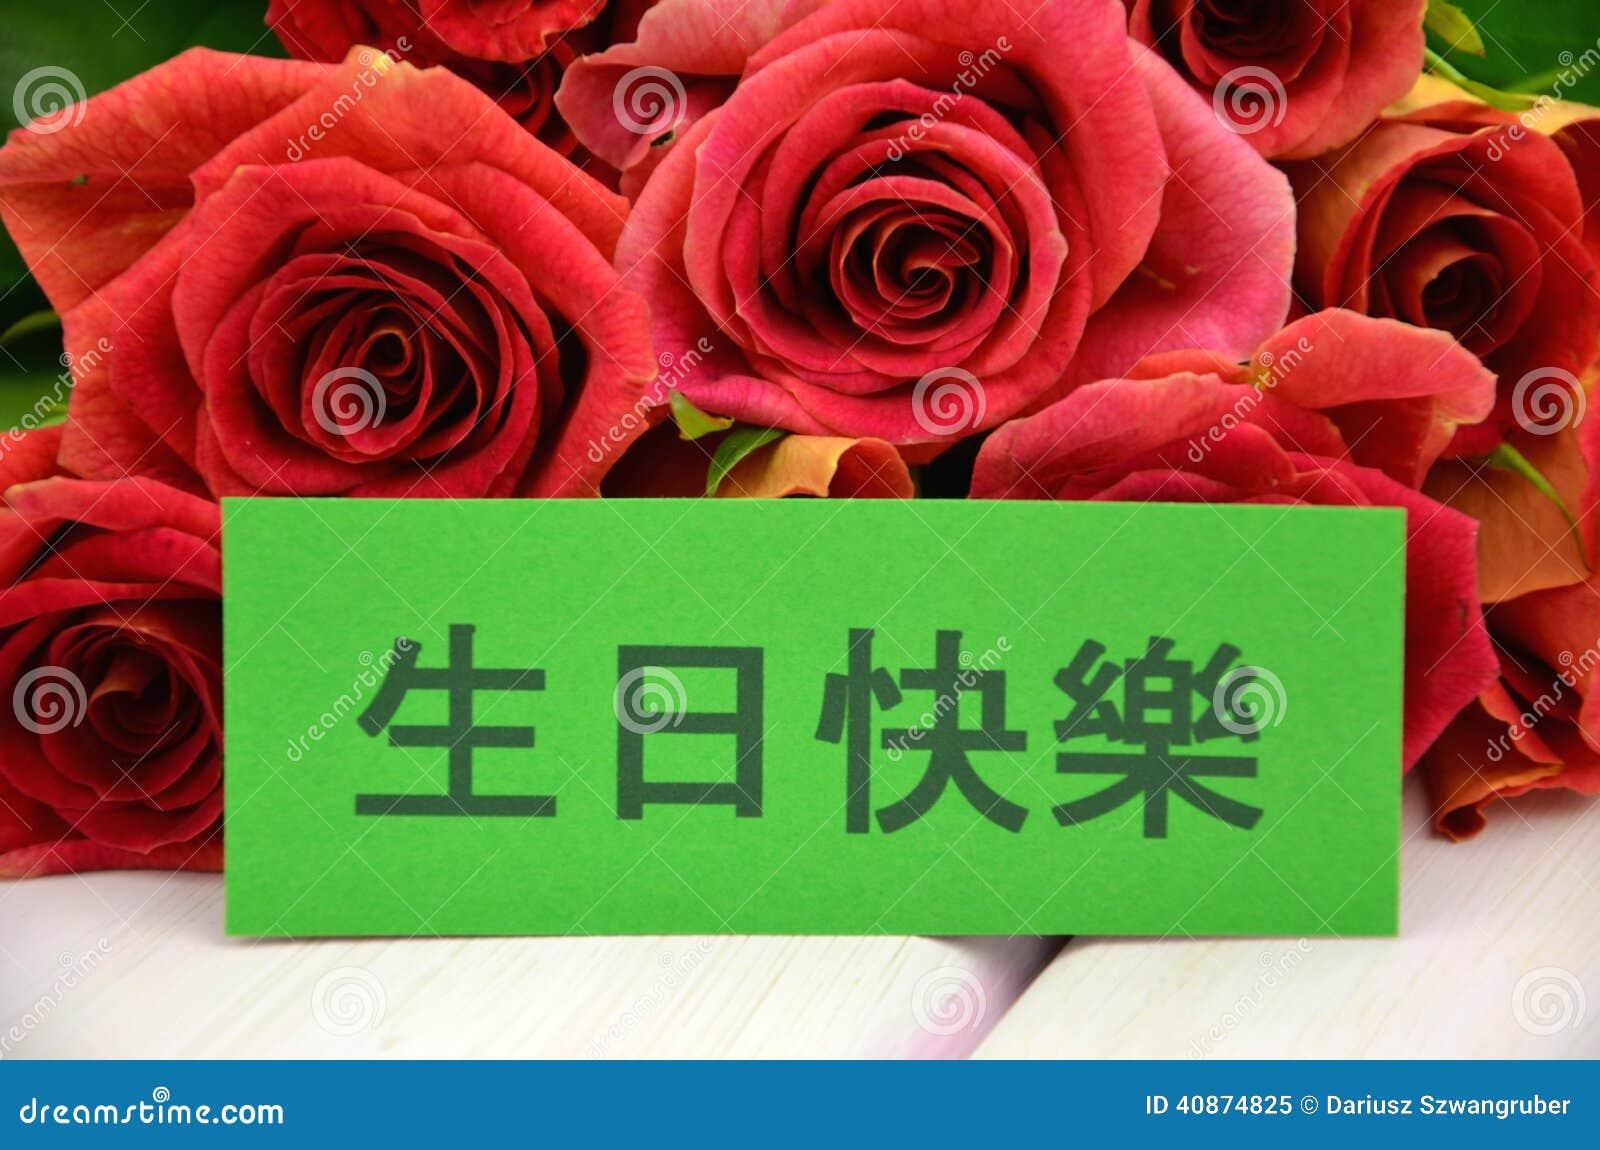 Китайское поздравление с днем рождения фото 896